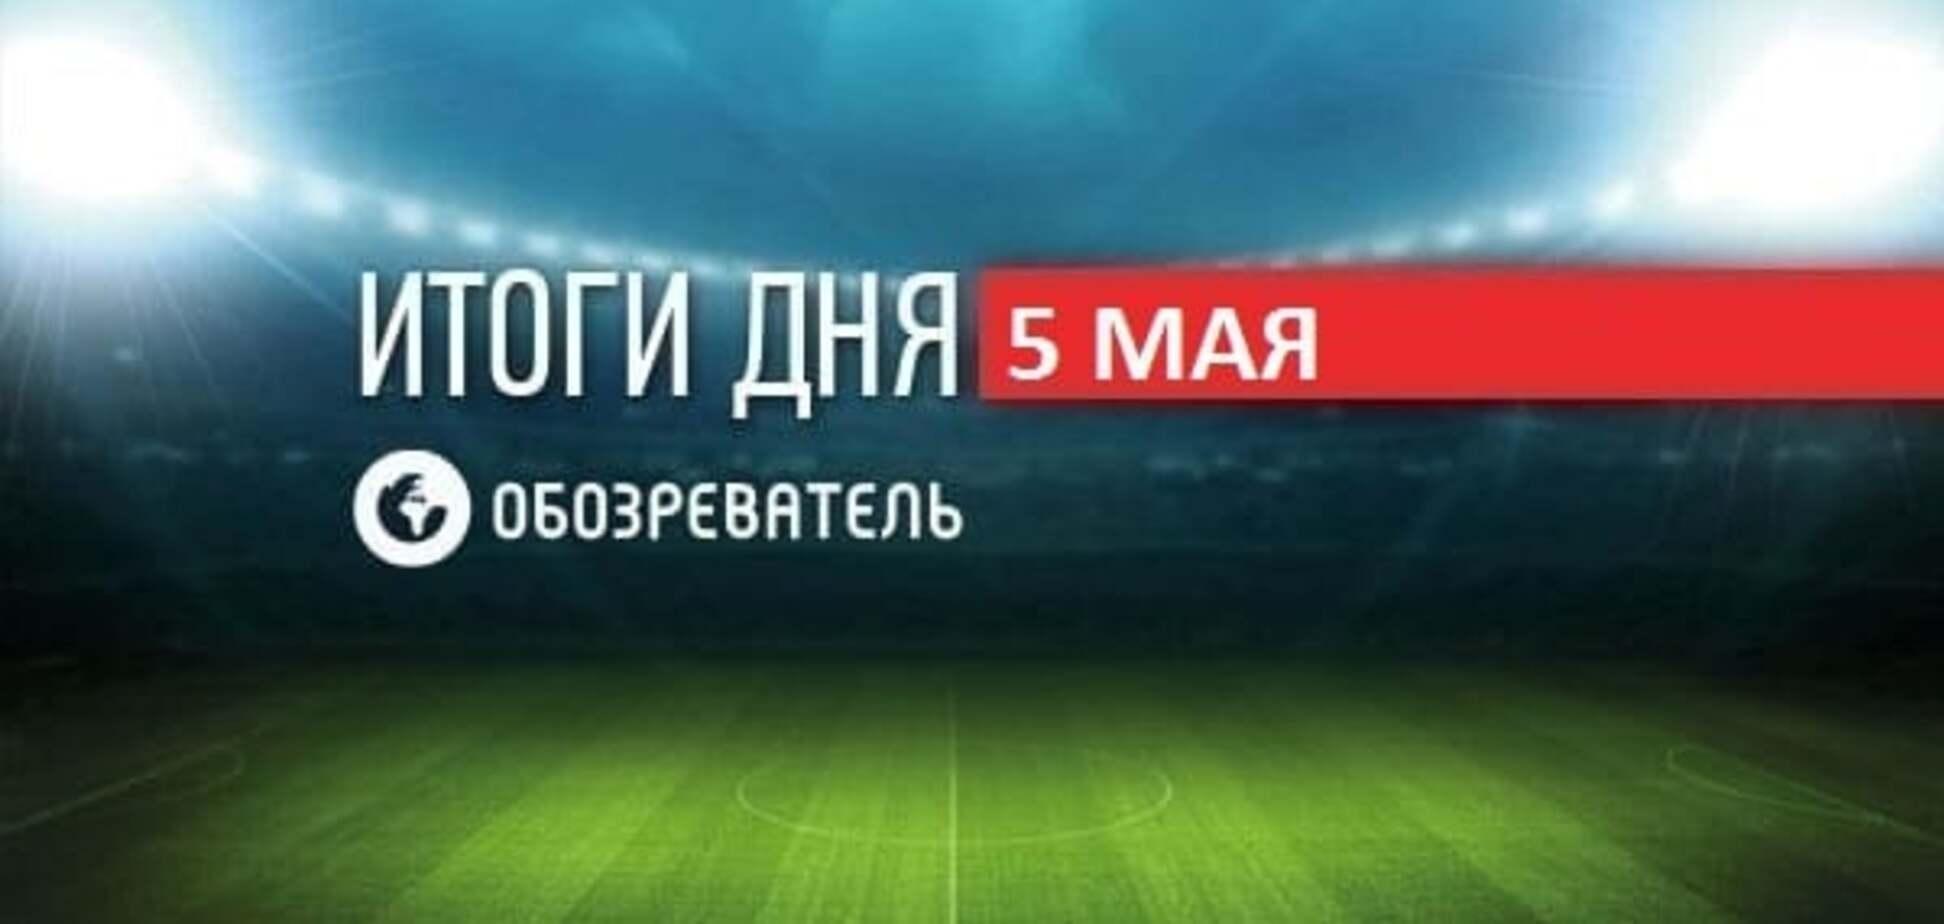 'Шахтер' вылетел из Лиги Европы, Степаненко рассказал о конфликте с Ярмоленко. Спортивные итоги 4 мая